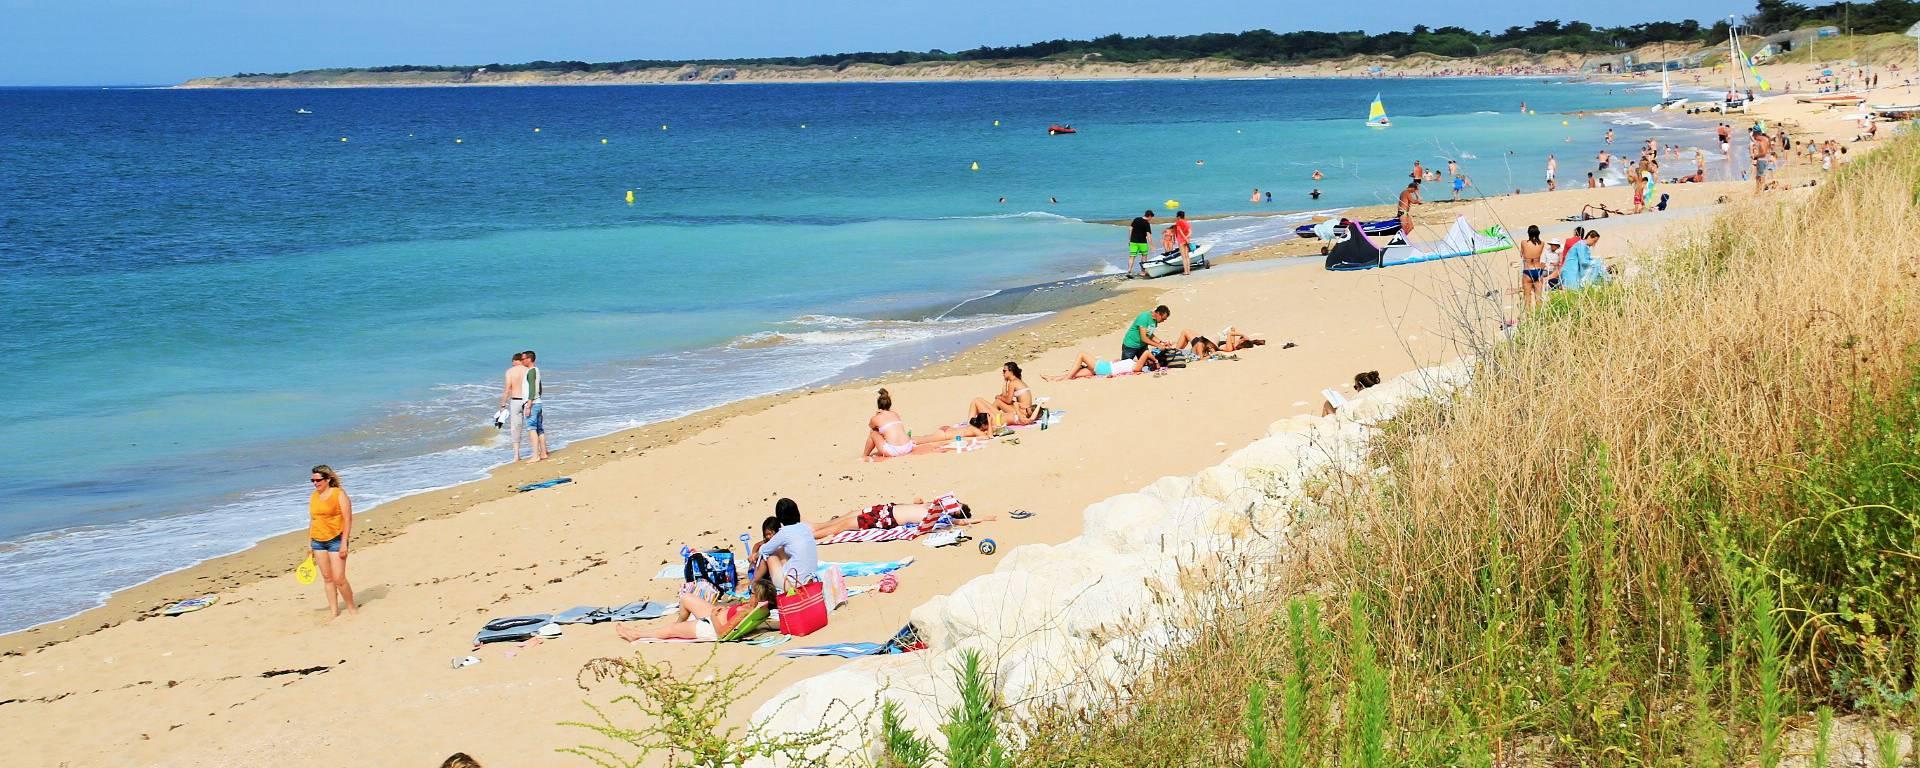 Beaches That Change With The Seasons Destination Ile De Ré